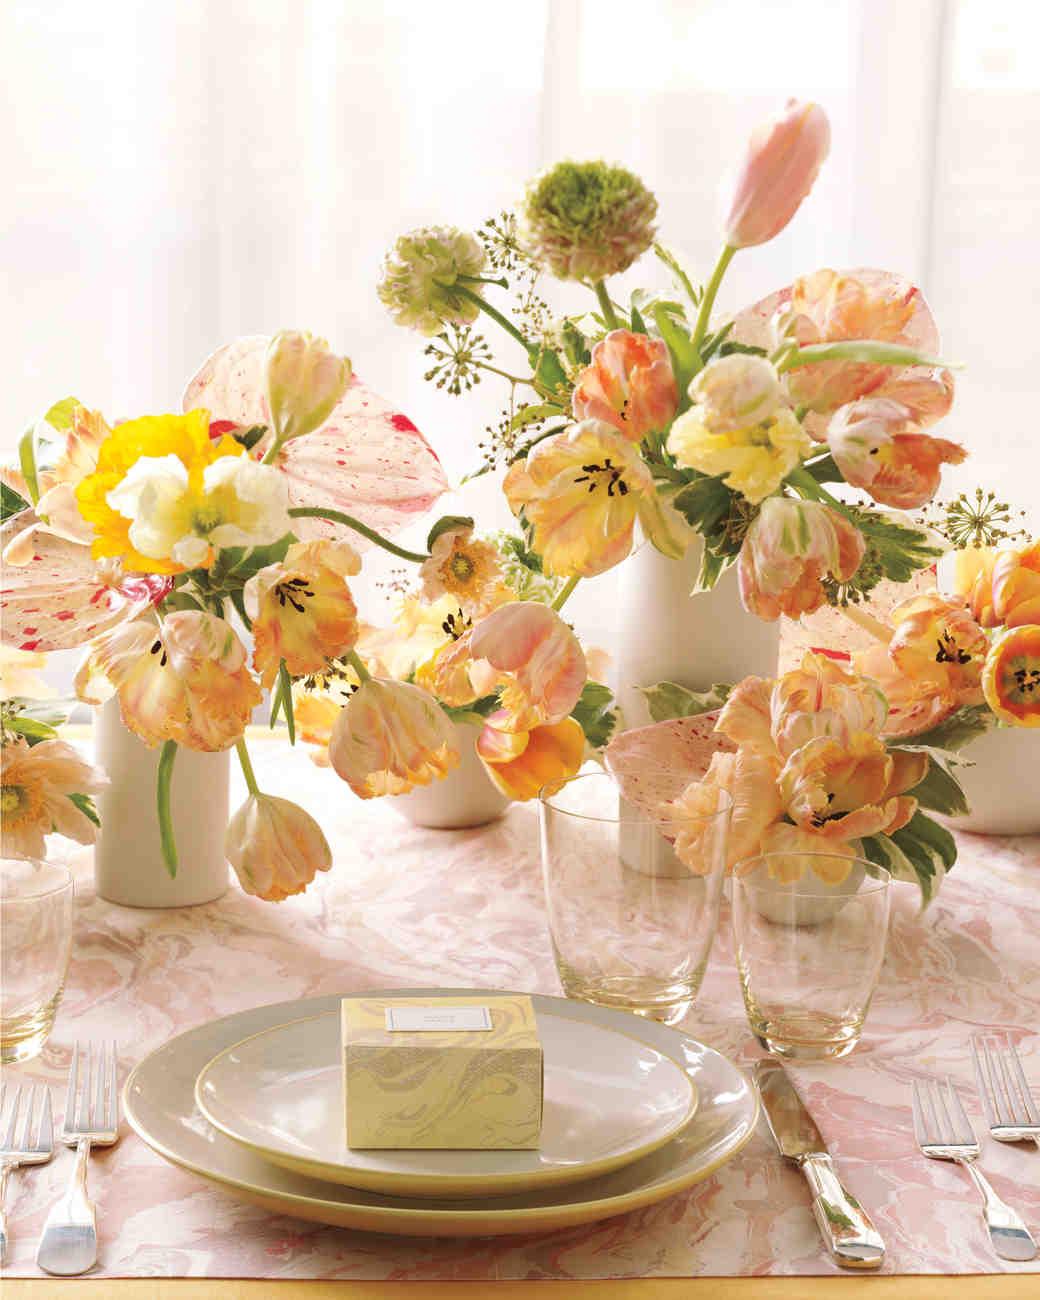 Martha Stewart Wedding Flowers Centerpieces : Elegant marbled wedding ideas martha stewart weddings